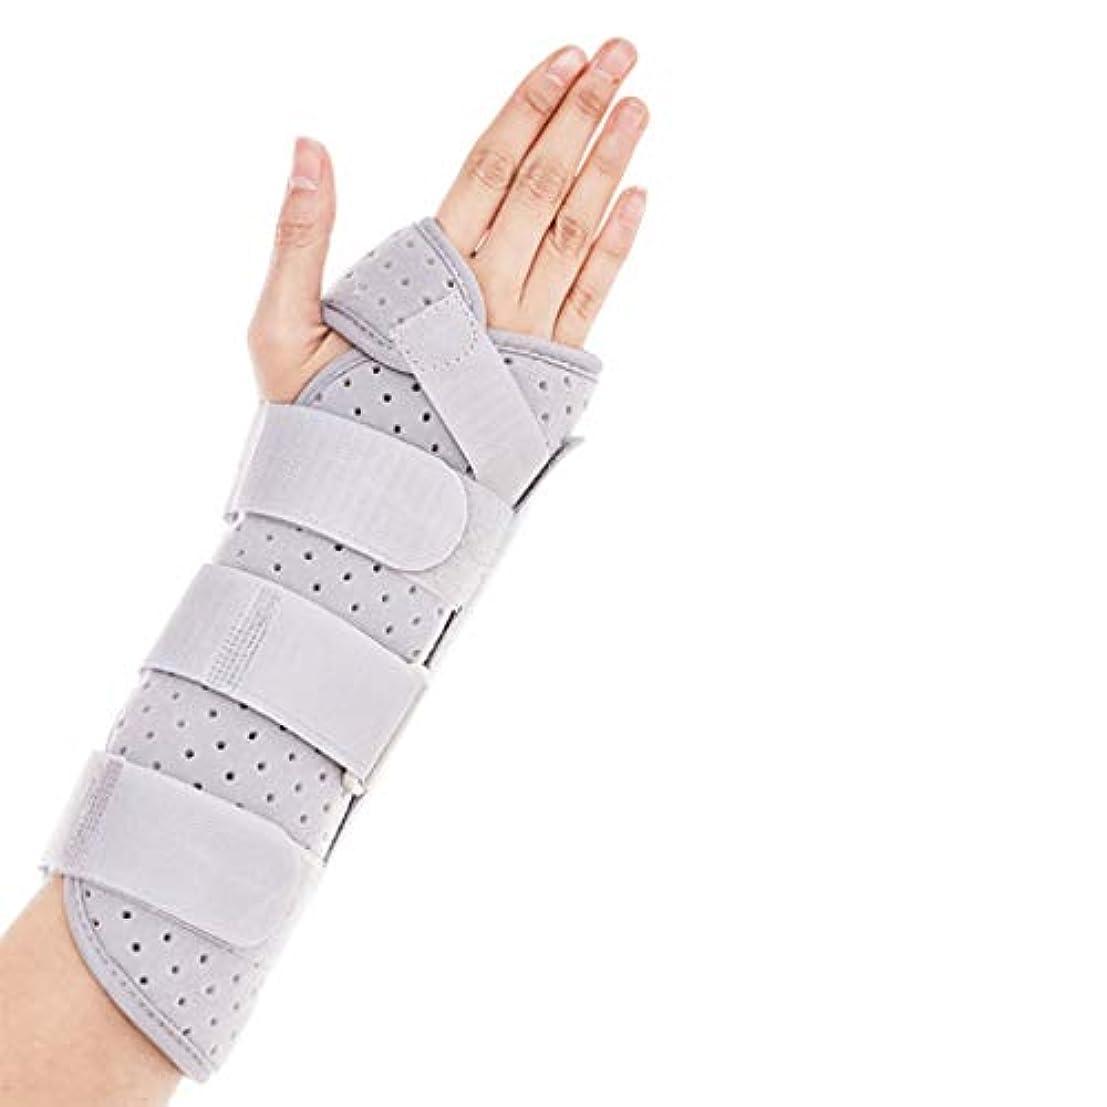 イソギンチャク雹小道引き金のための指の袖サポートプロテクター指マレット指指のナックル固定指骨折創傷術後のケアと痛みの軽減,L